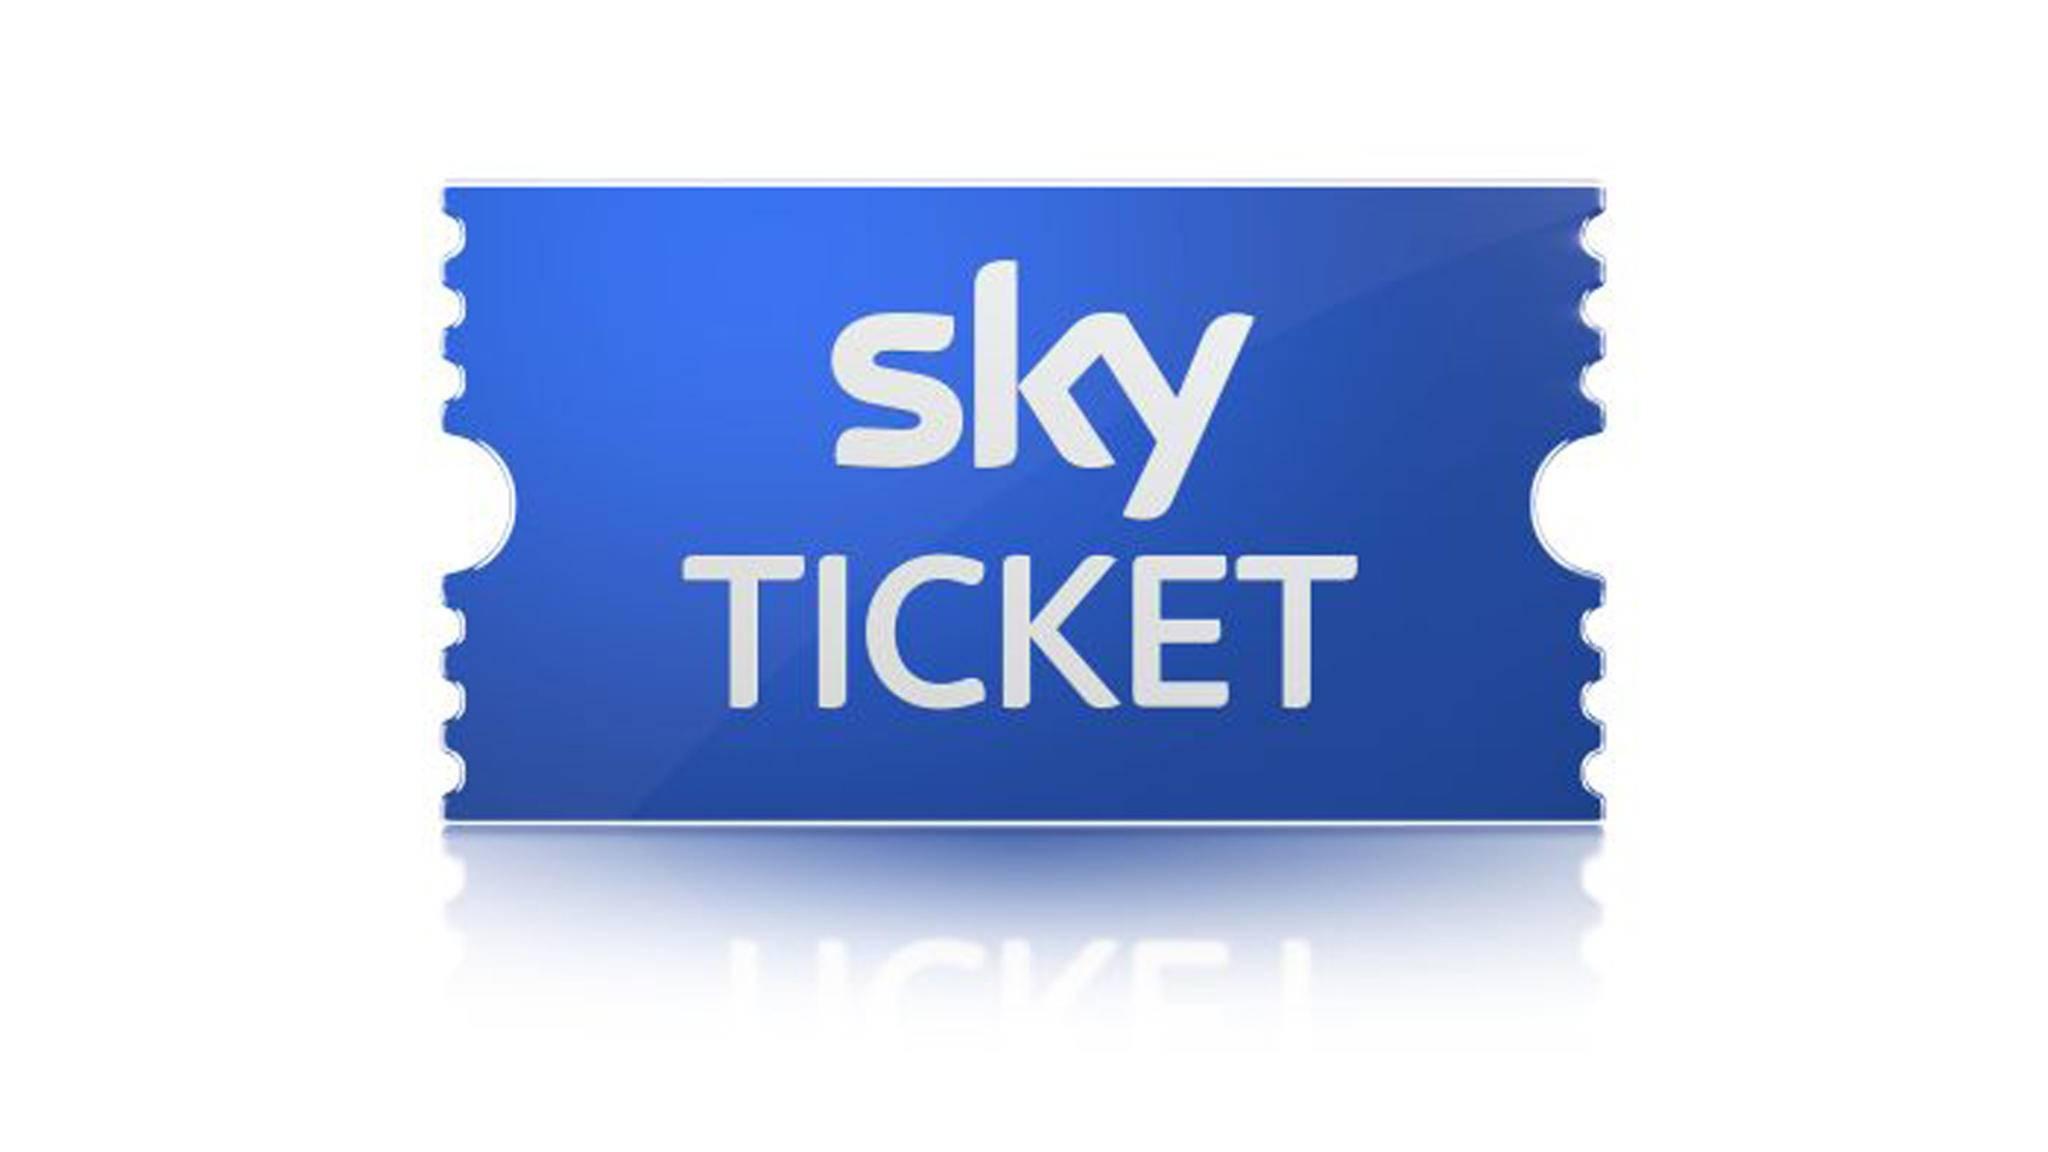 Filme und Serien offline gucken? Kein Problem mit der neuen Download-Funktion für Sky Ticket.